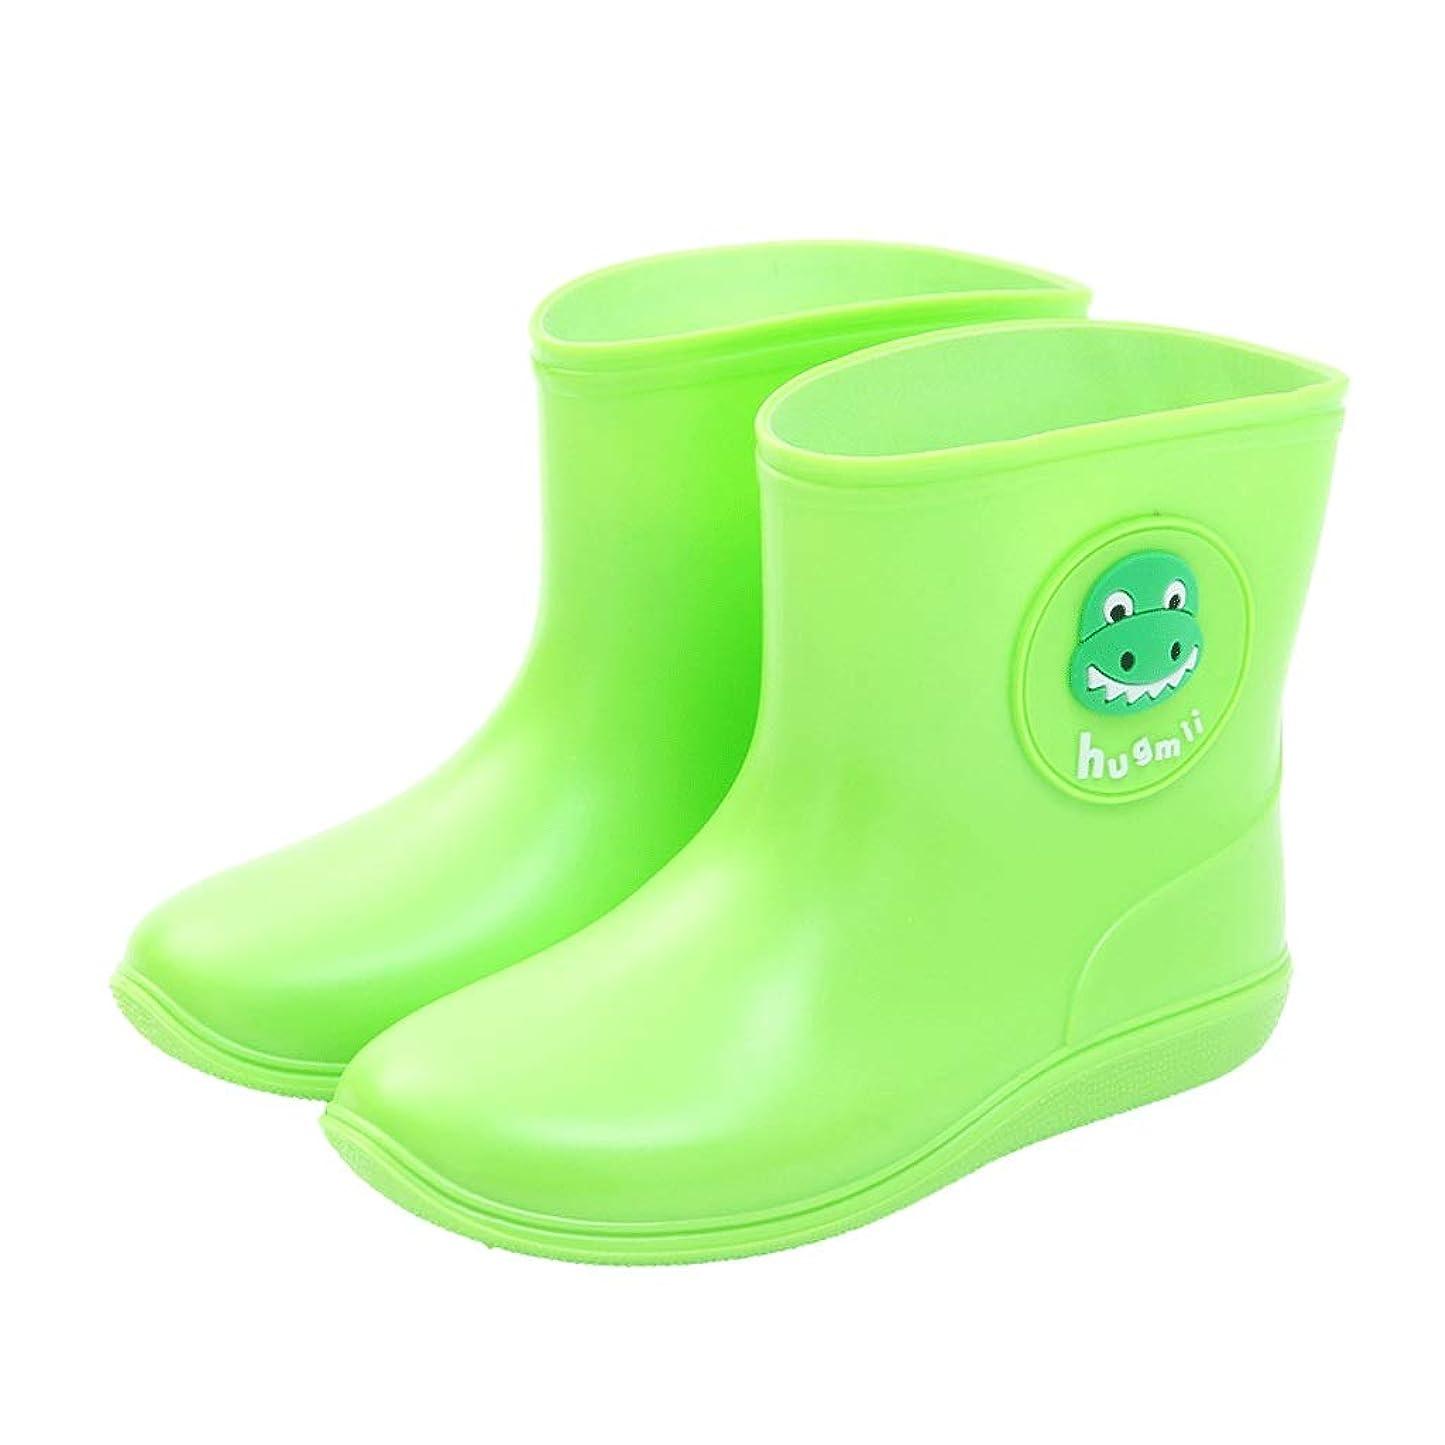 ジャンク行サージレインブーツ- 子供の男性と女性のレインブーツ漫画ゼリーラバーレインブーツ水の靴春と夏のゴム靴 (Color : Green, Size : 28)